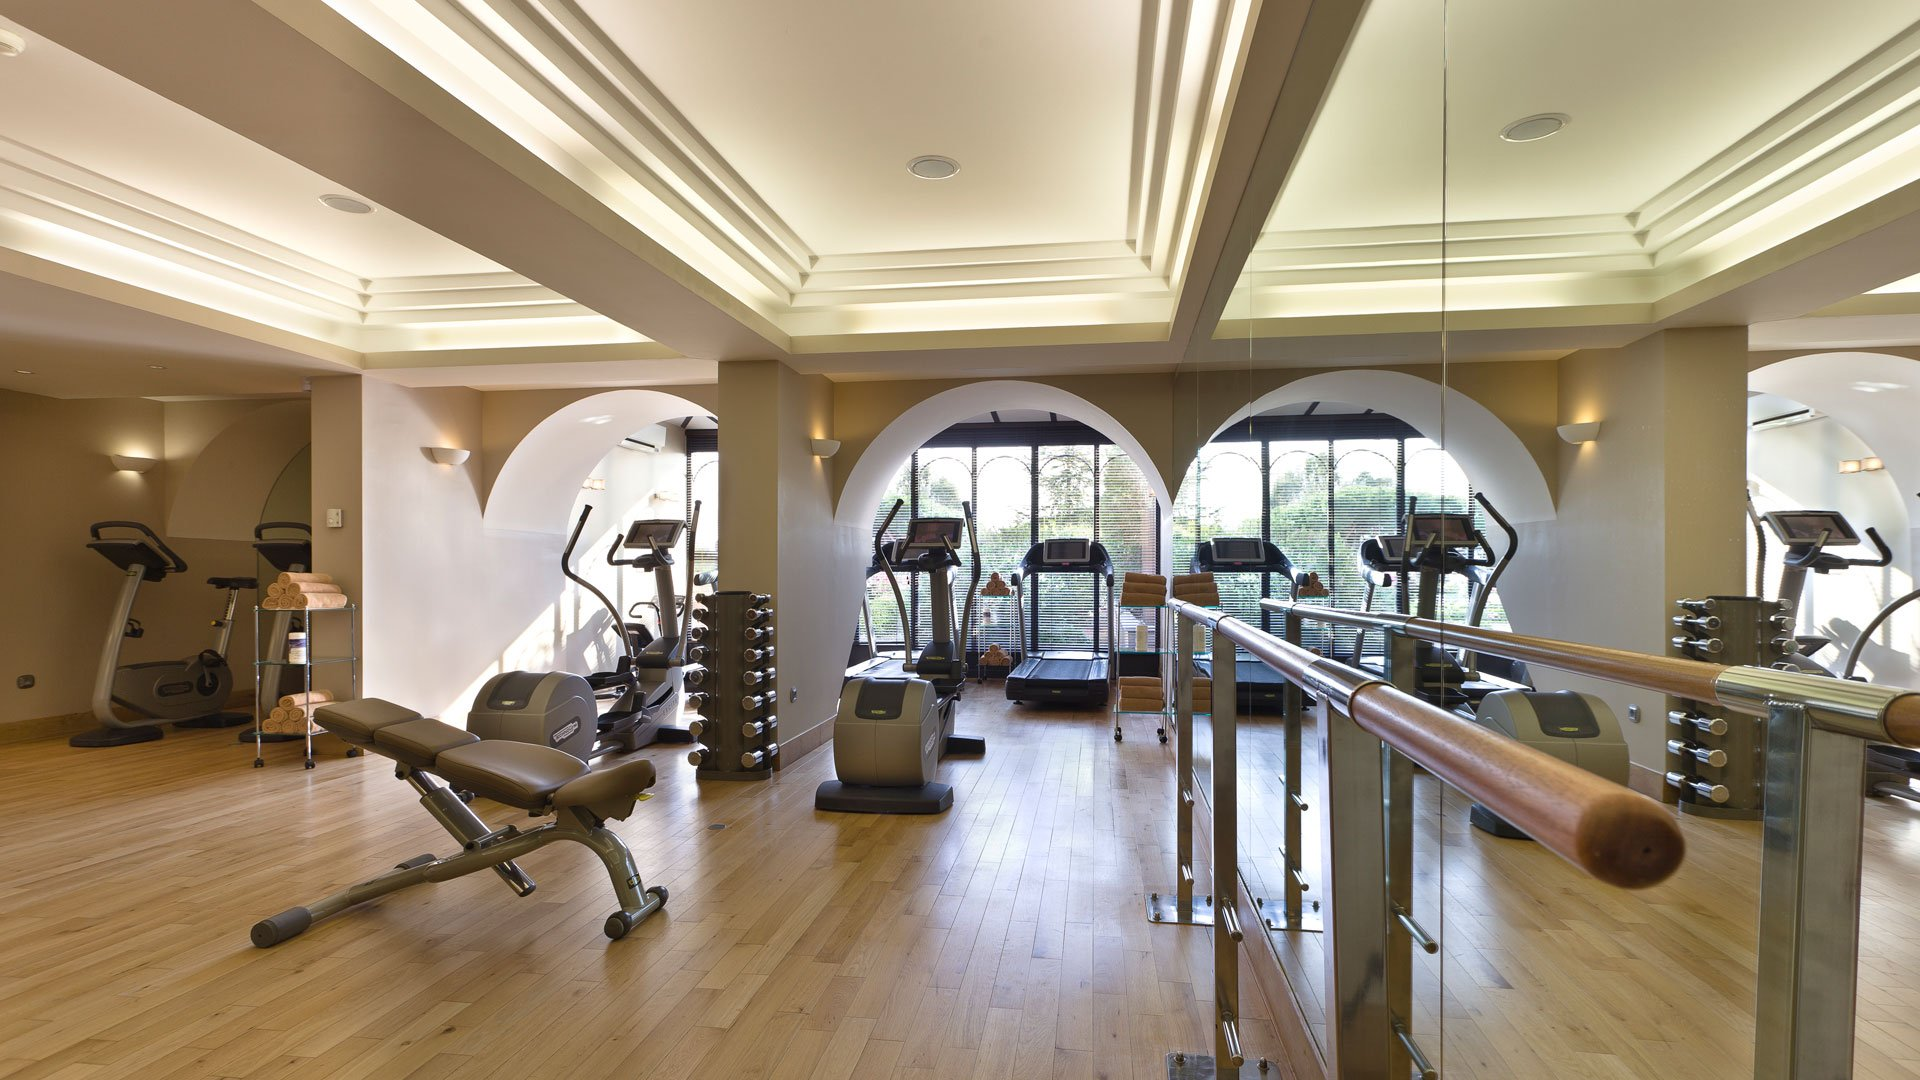 comment bien choisir votre salle de sport tous en forme la plateforme de clarisse. Black Bedroom Furniture Sets. Home Design Ideas